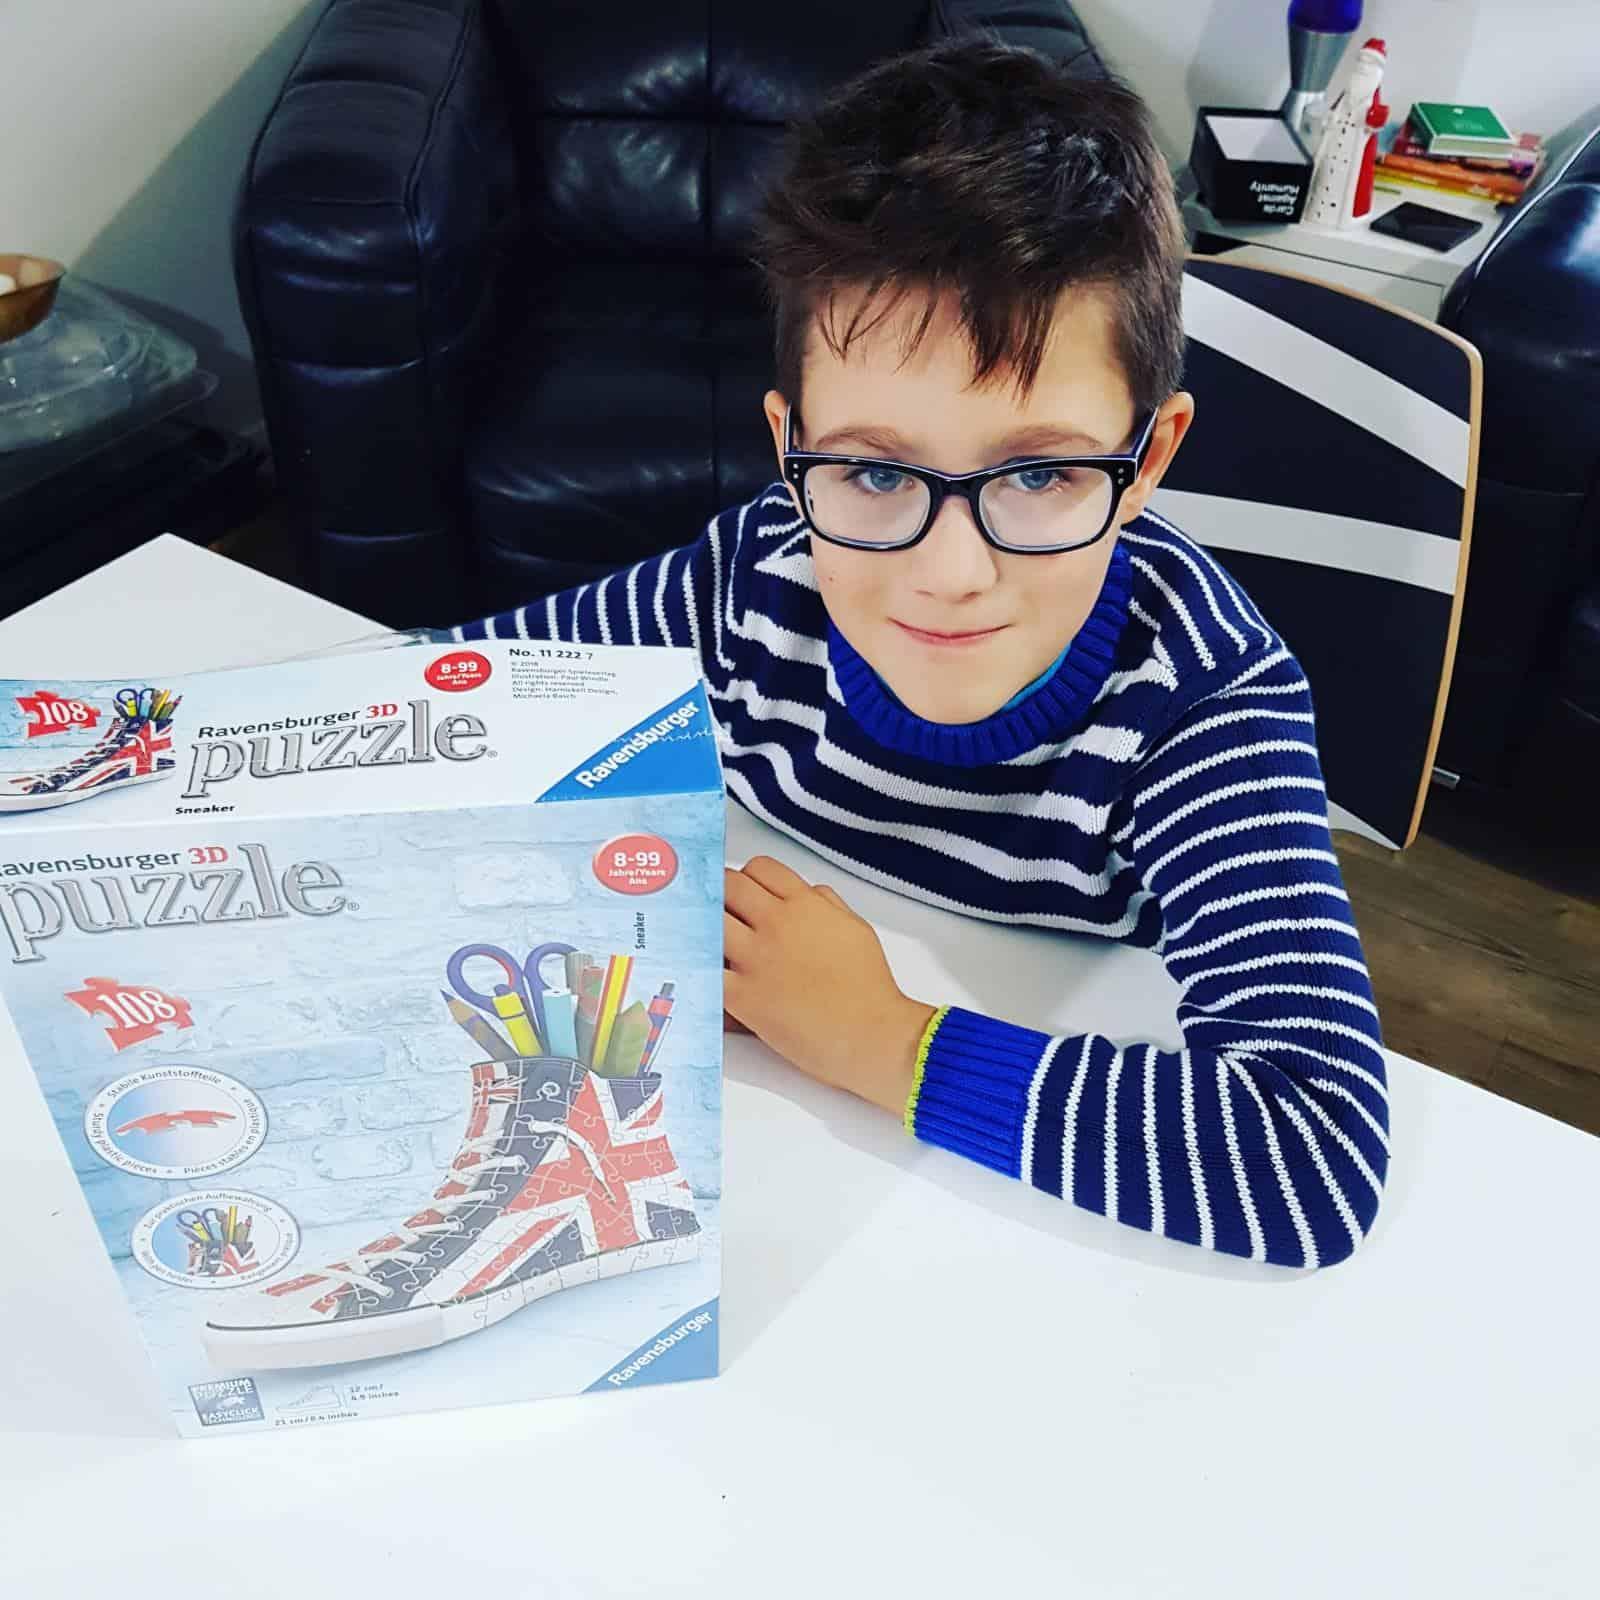 Ravensburger 3D Puzzle - Union Jack trainer pencil case